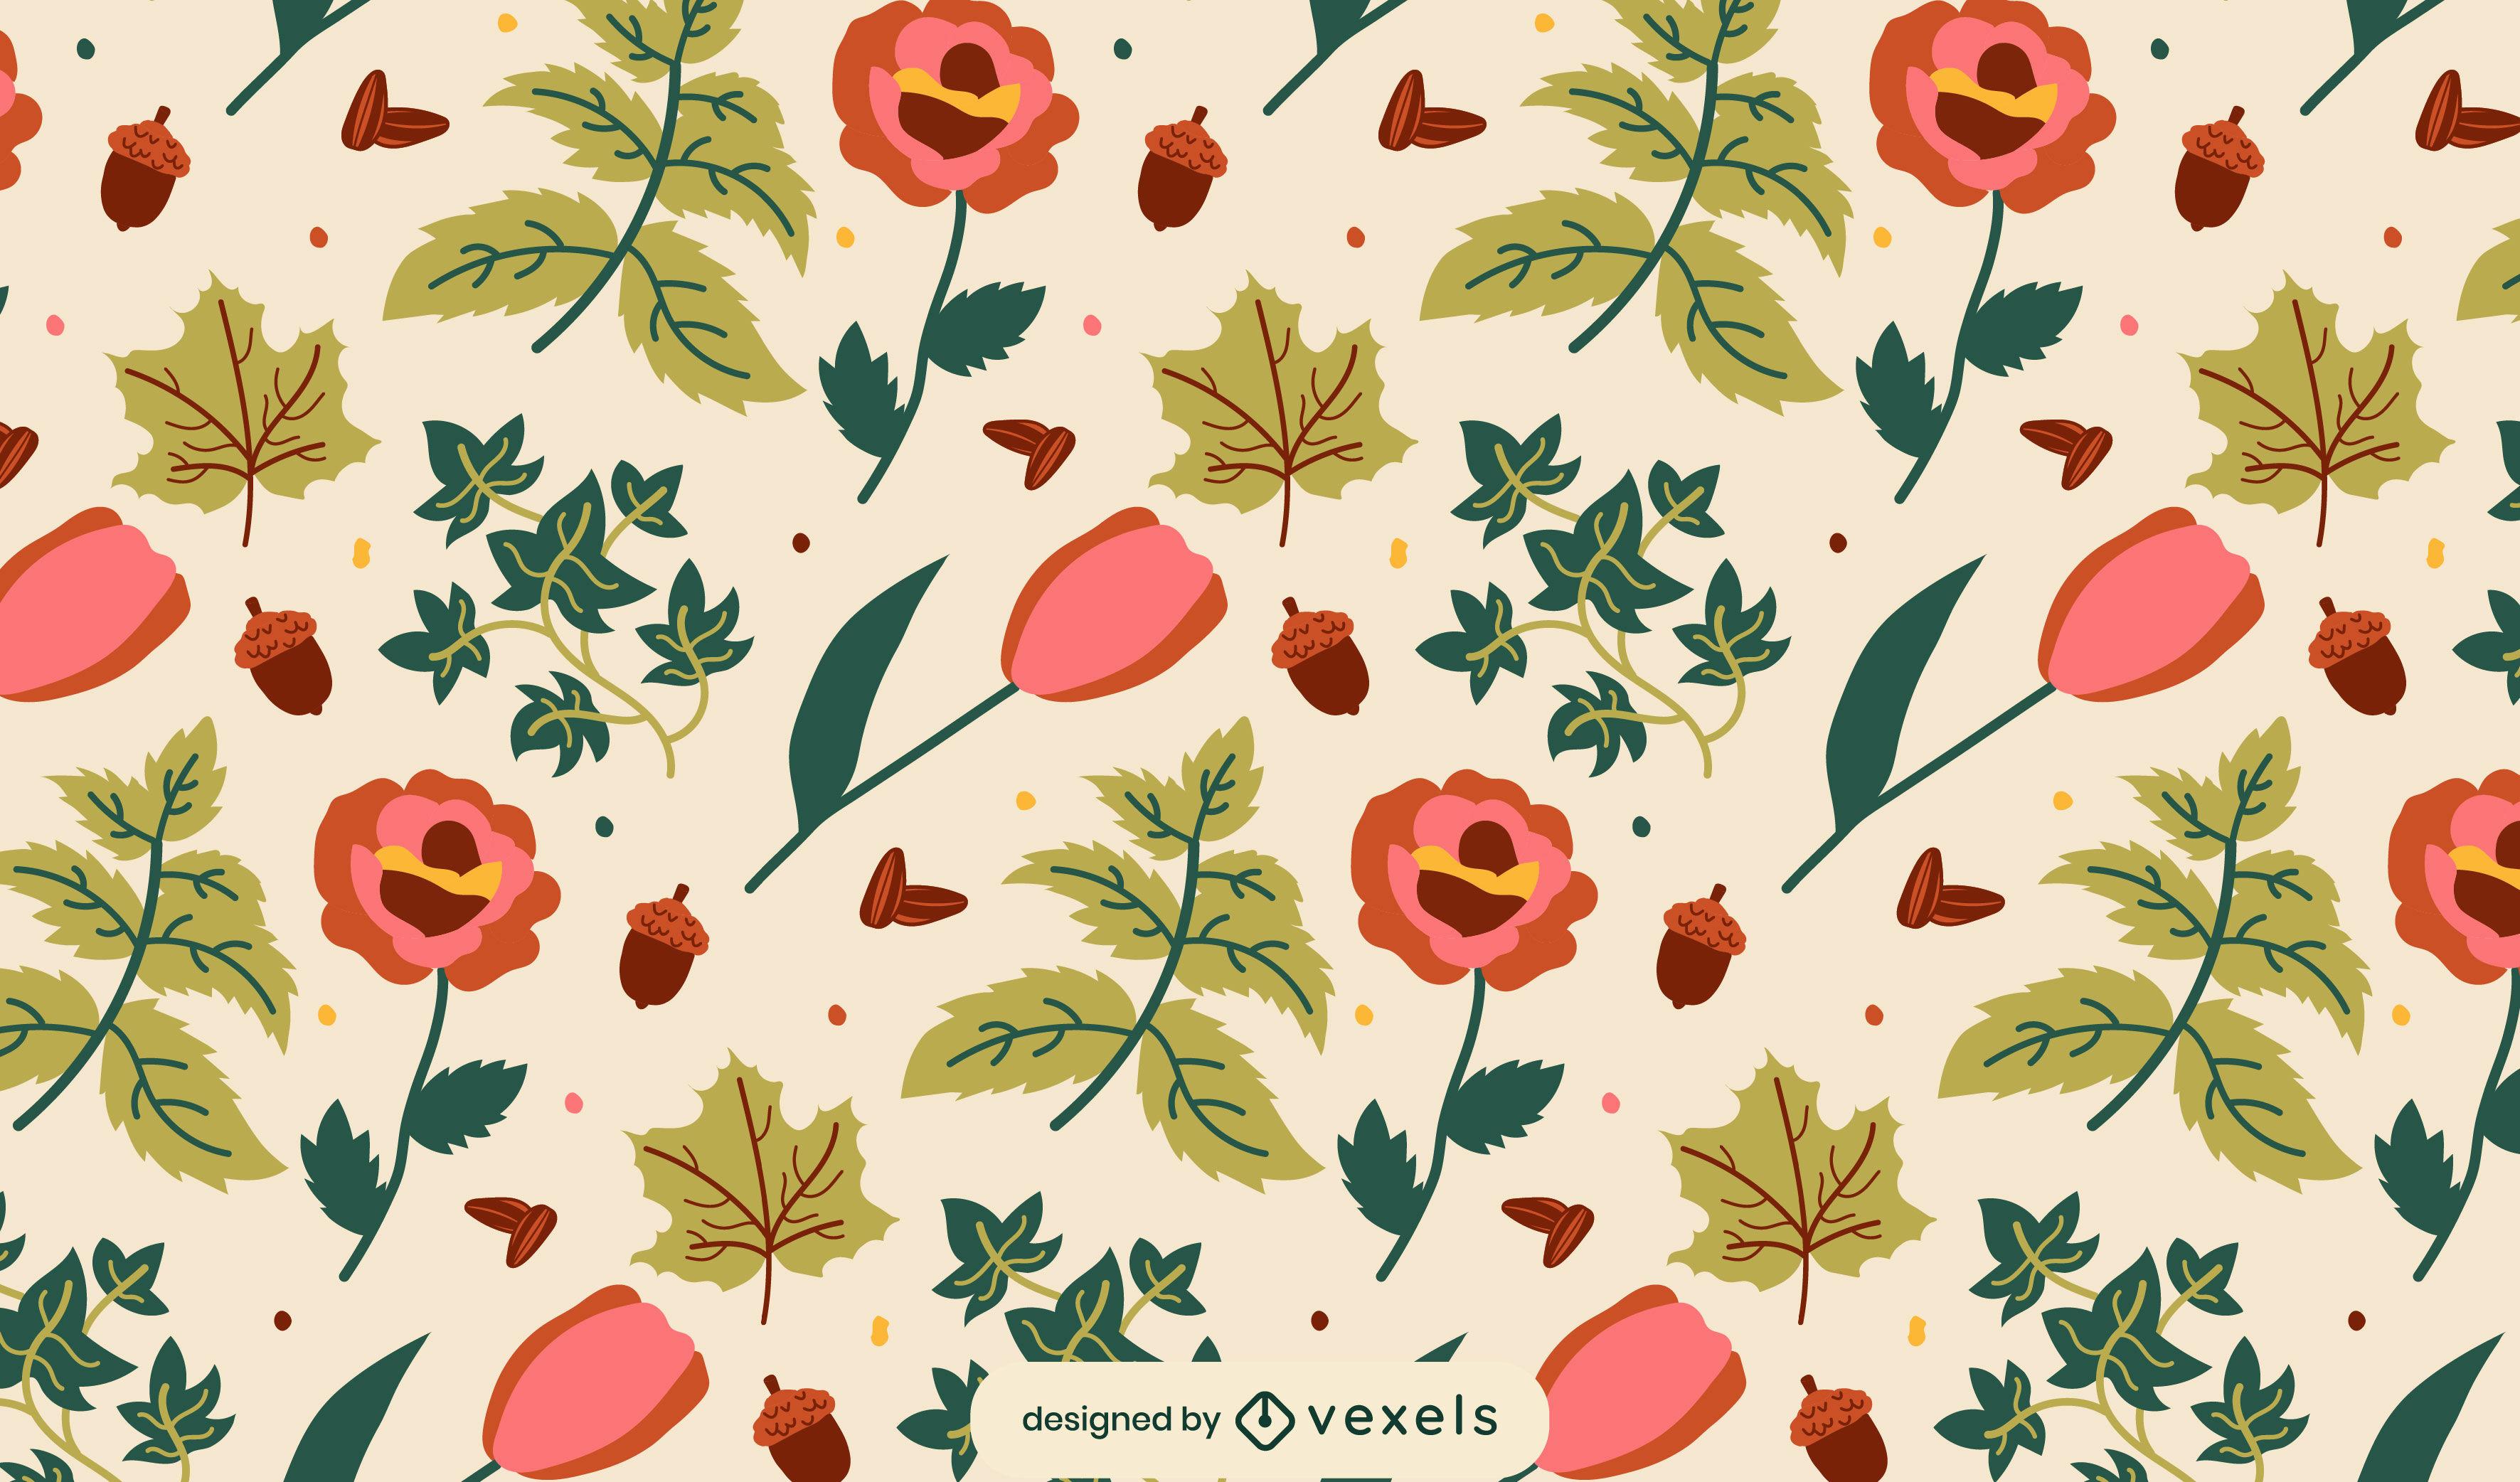 Blumen und Blätter flaches Muster